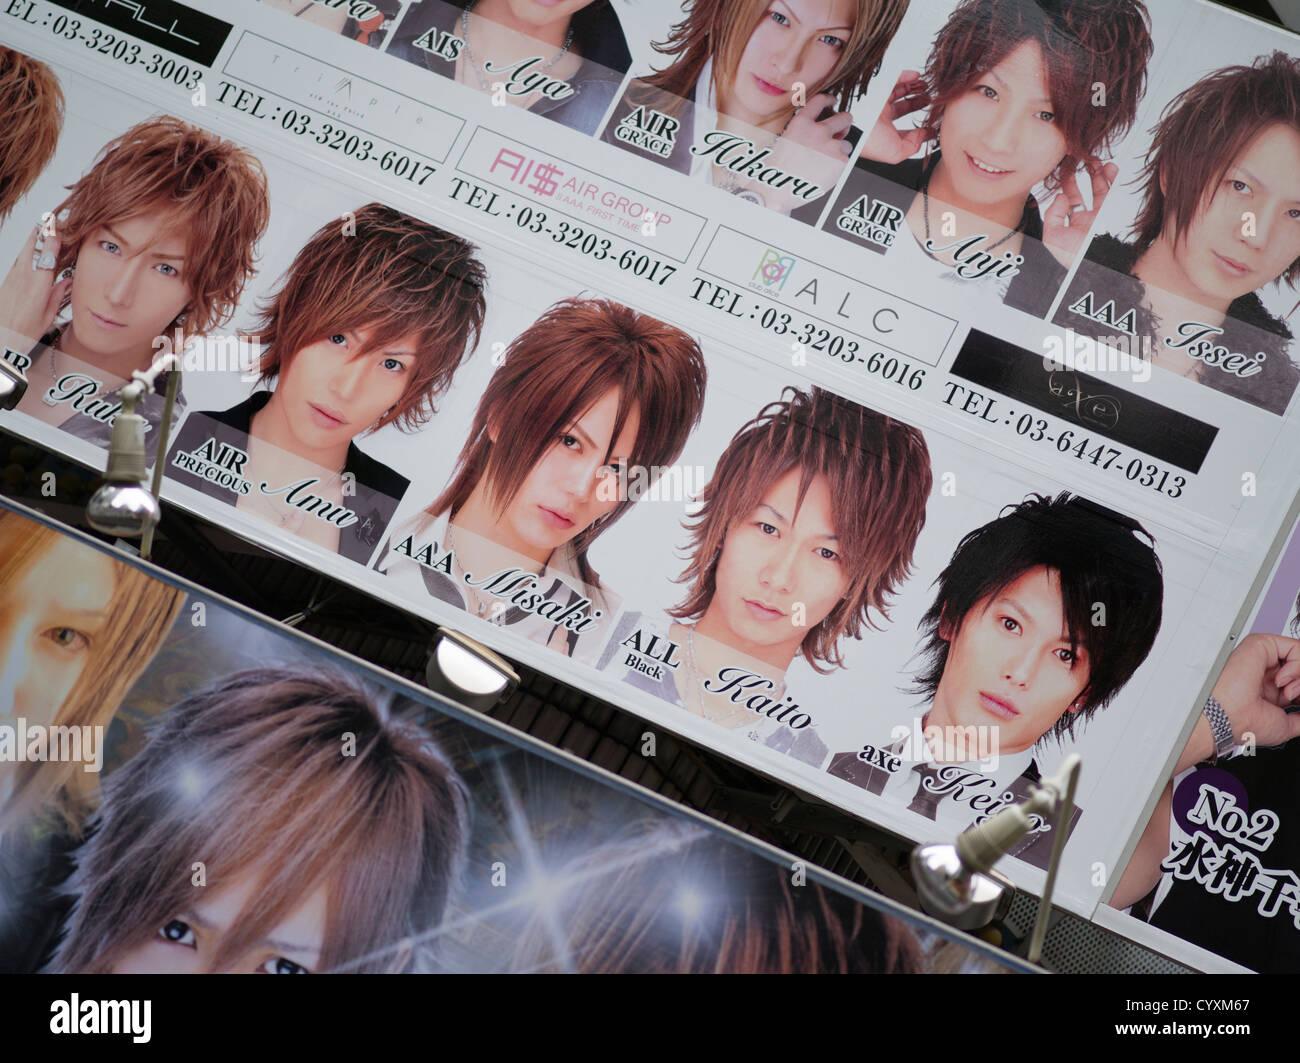 Host club advertising in  Kabuki-cho Red Light District in Shinjuku, Tokyo. - Stock Image